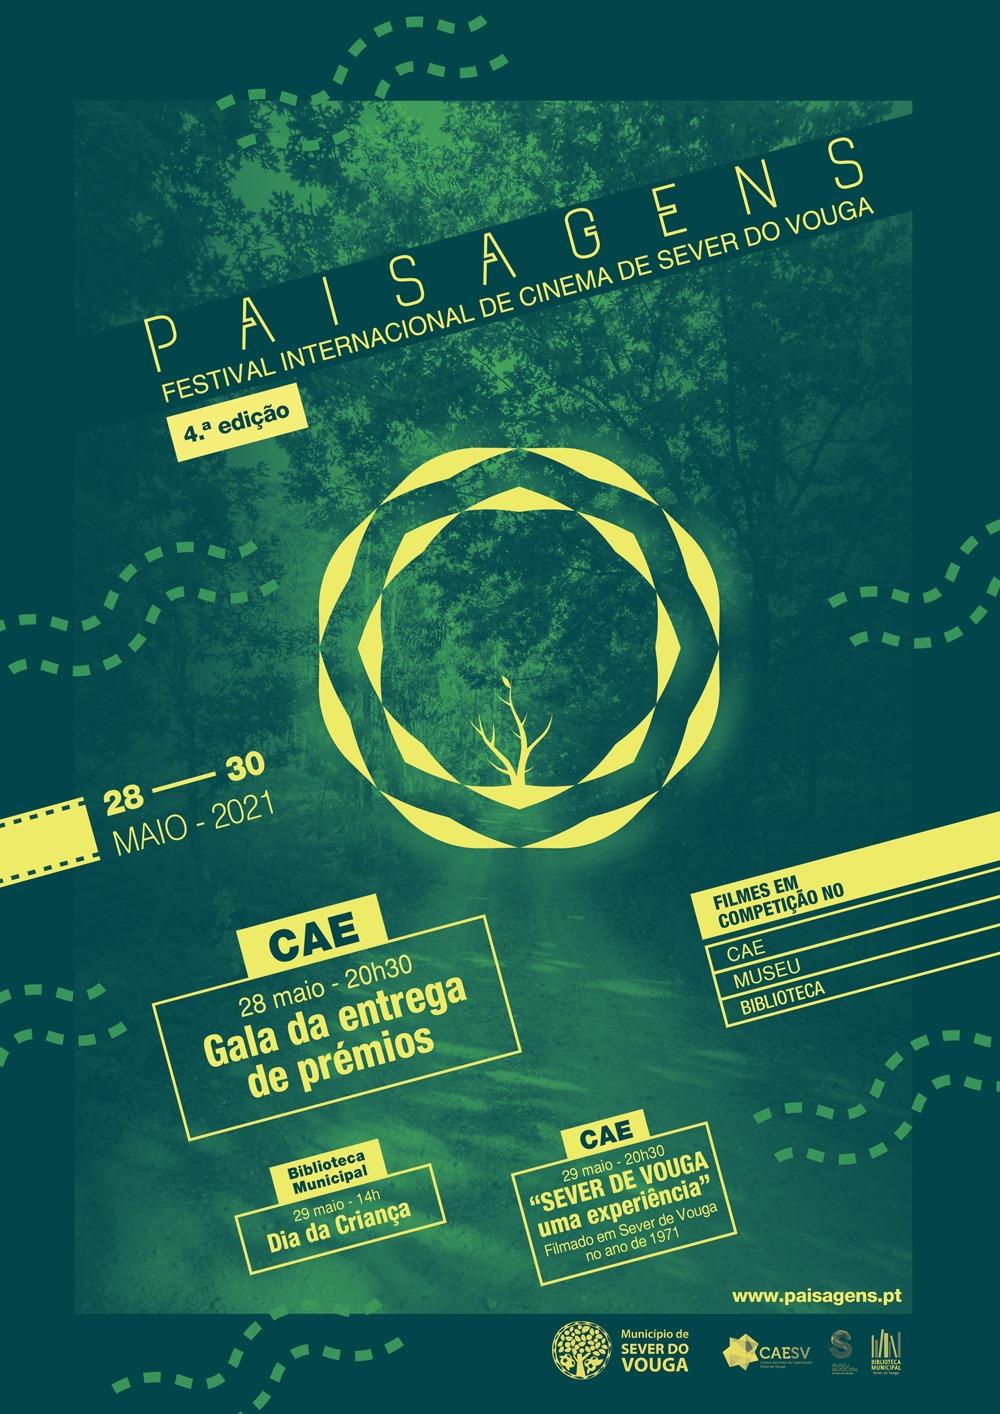 PAISAGENS - Festival Internacional de Cinema de Sever do Vouga IV - GALA